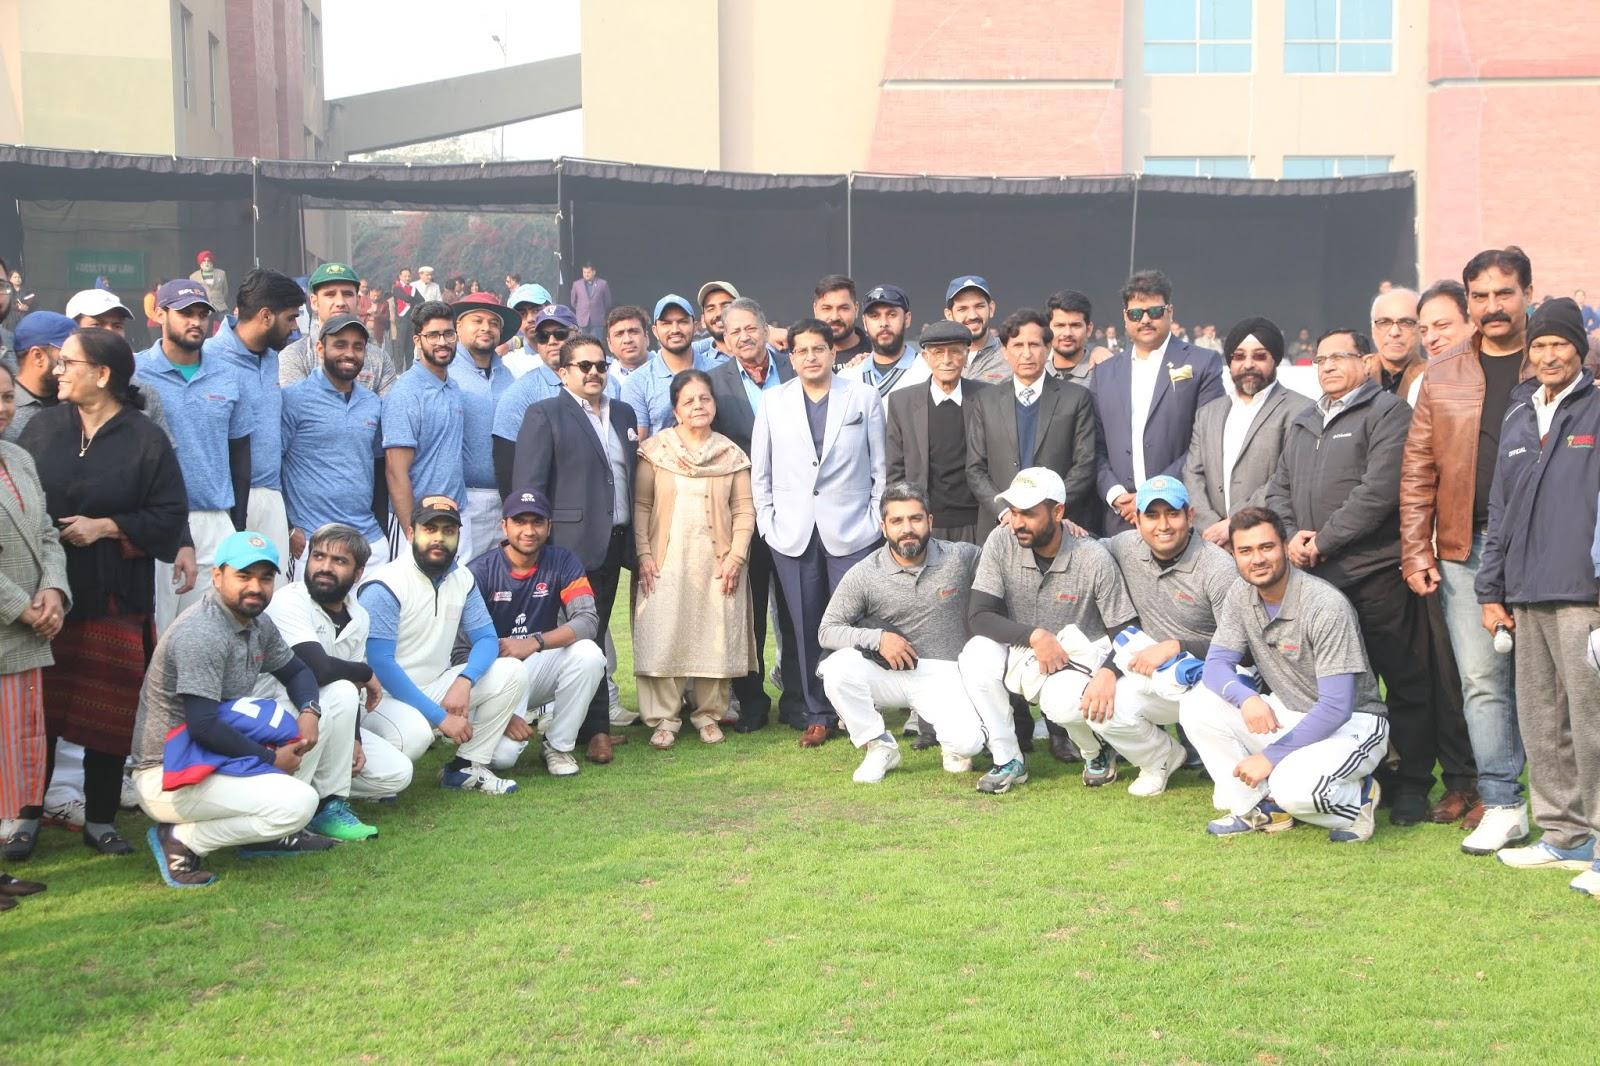 क्रिकेट : 12वें मानव रचना कॉर्पोरेट क्रिकेट चैलेंज का आगाज